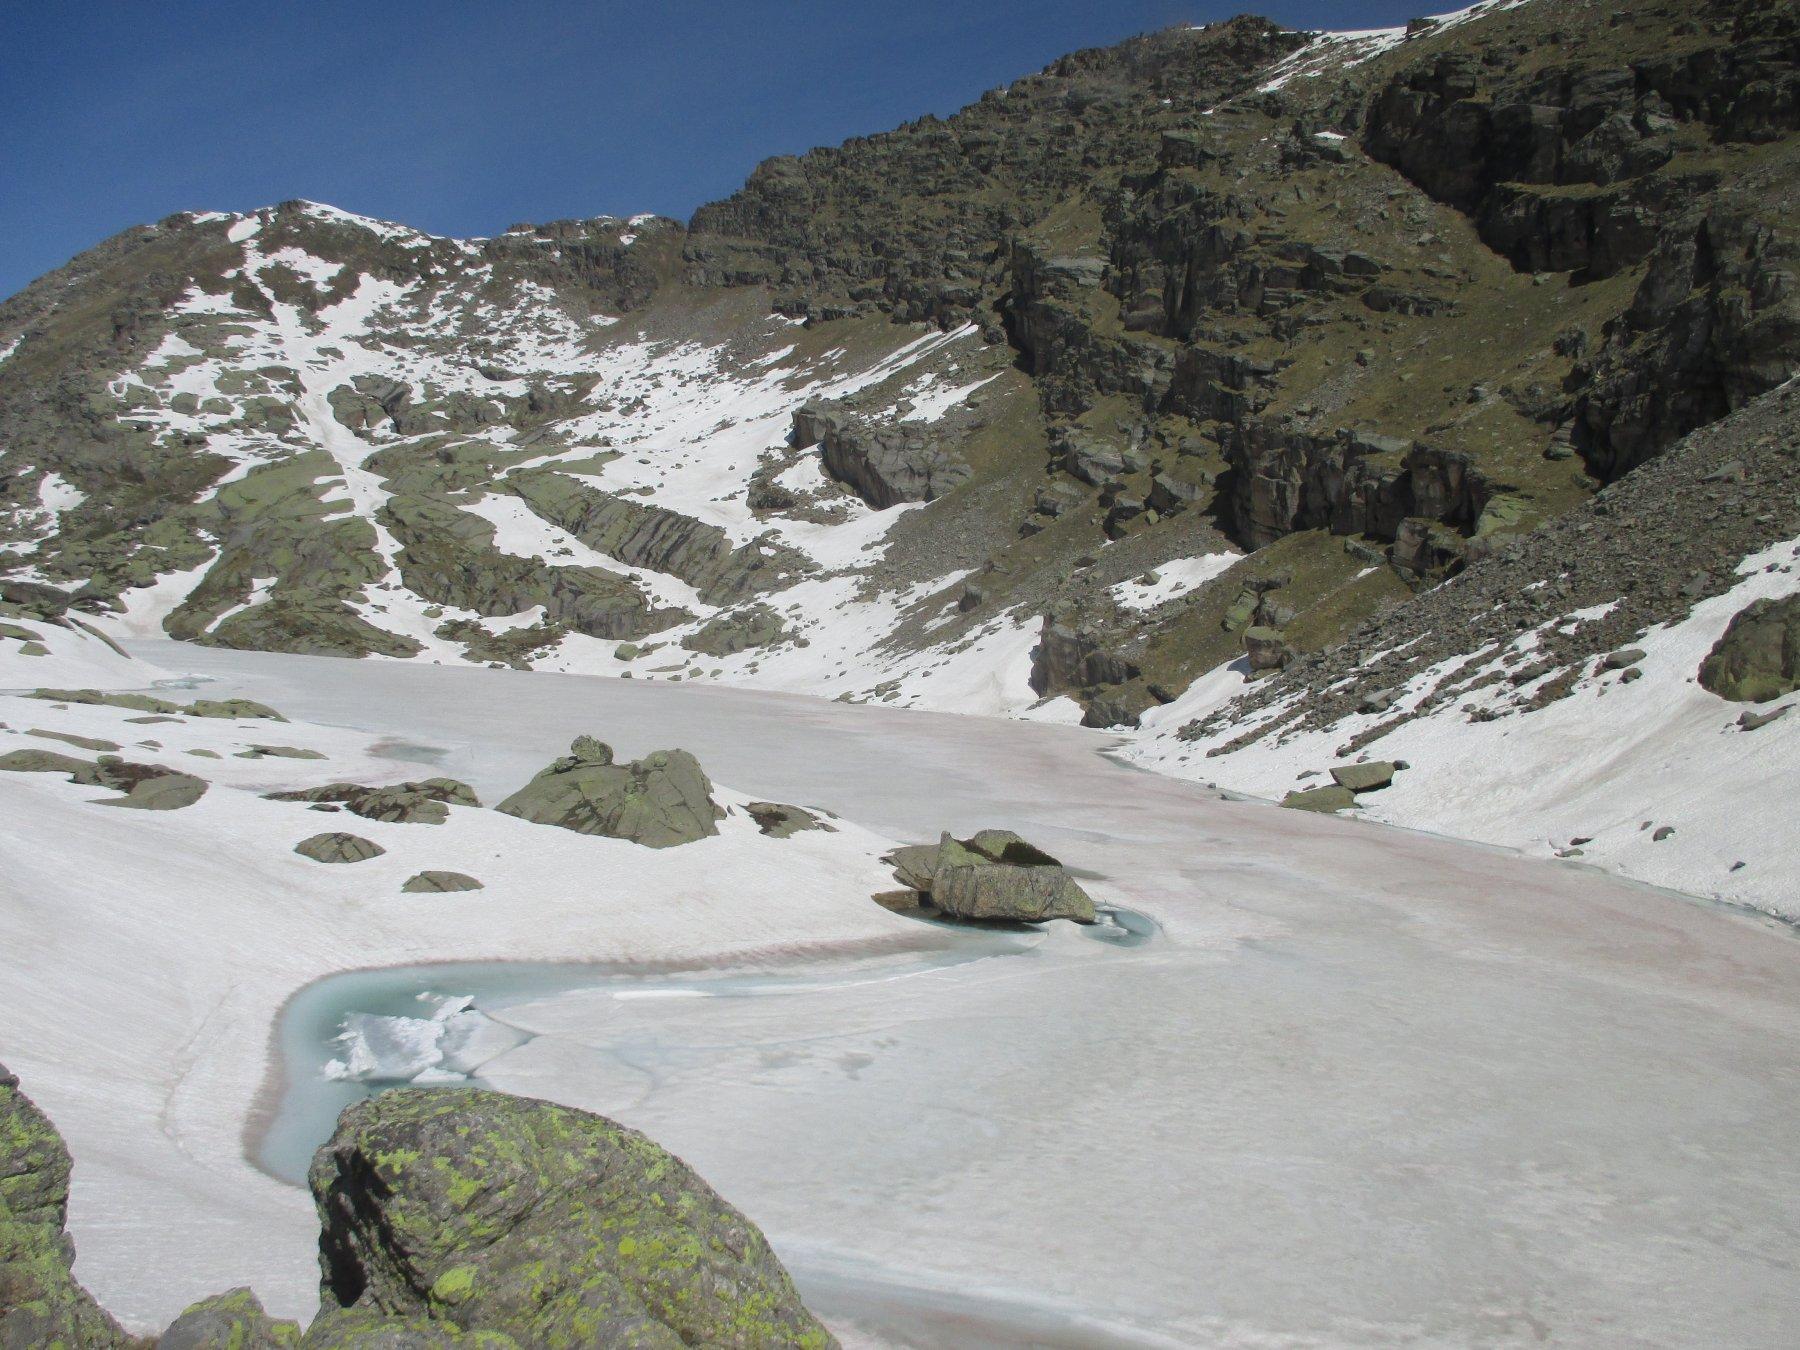 il lago ancora quasi totalmente gelato